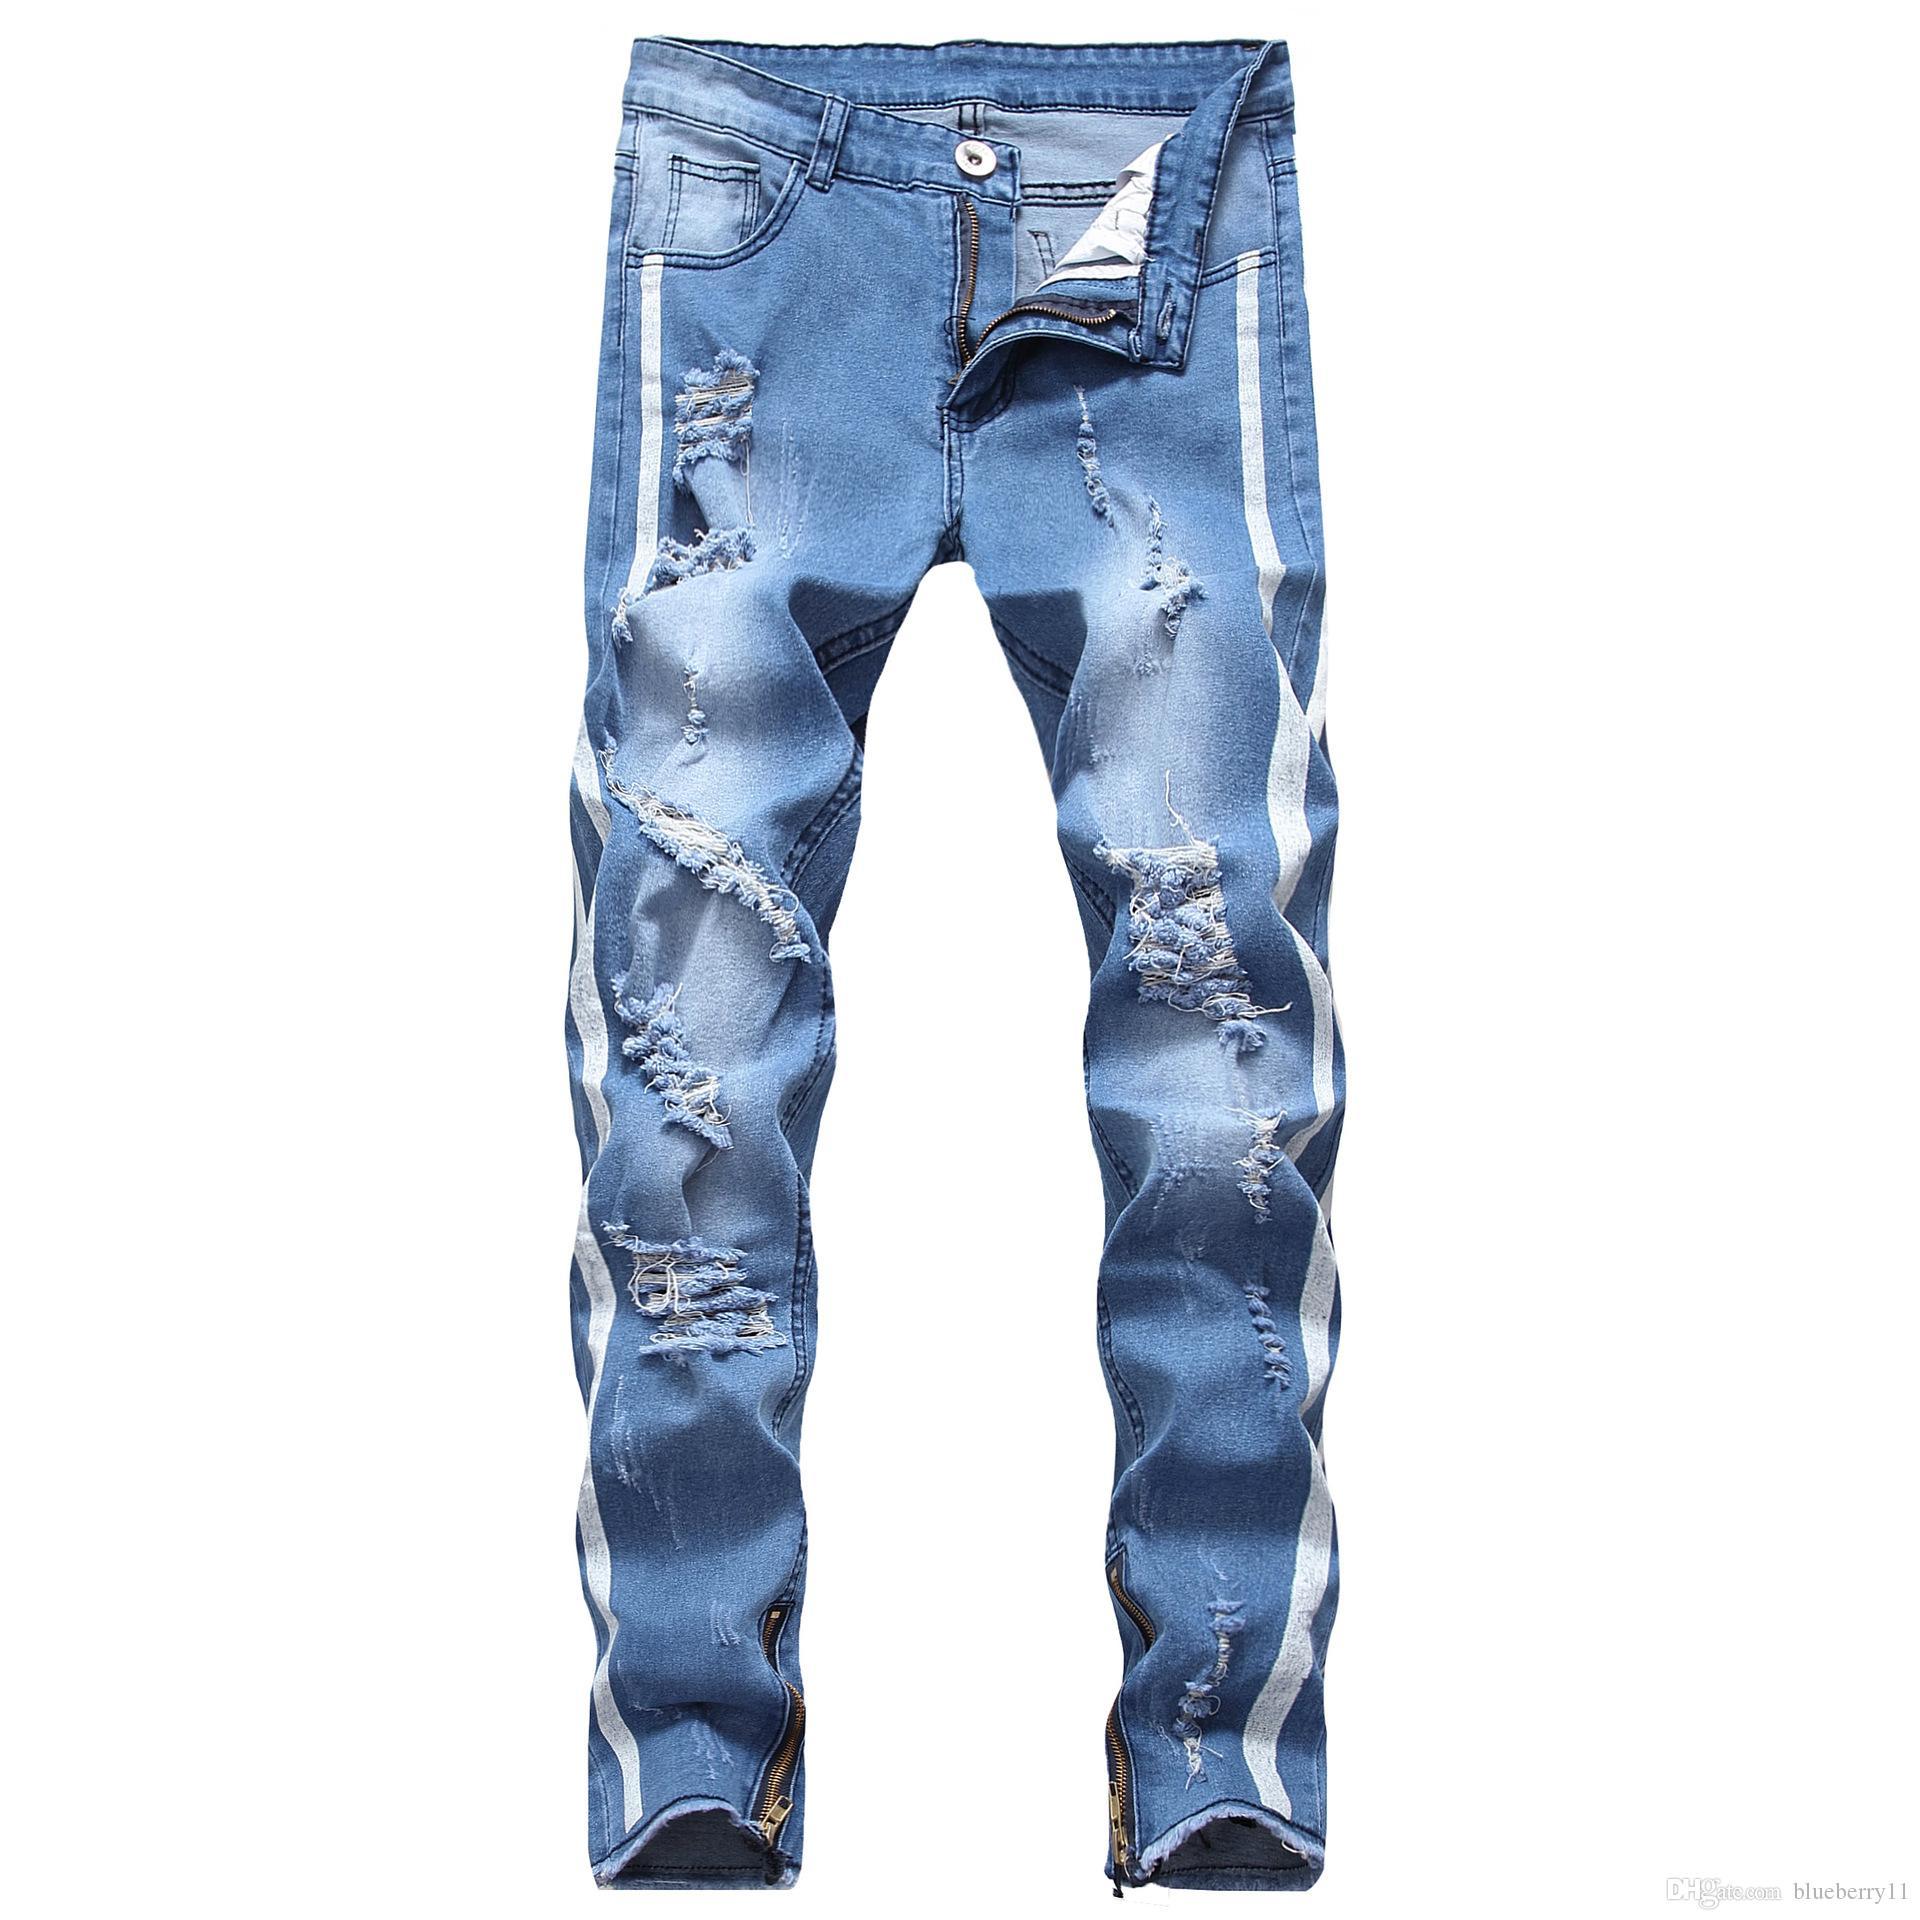 Männer Jeans 2021 Mode gerissen Männer aushöhlen Bedruckte Bettler geschnittene Hosen Mann Cowboys Demin Mann